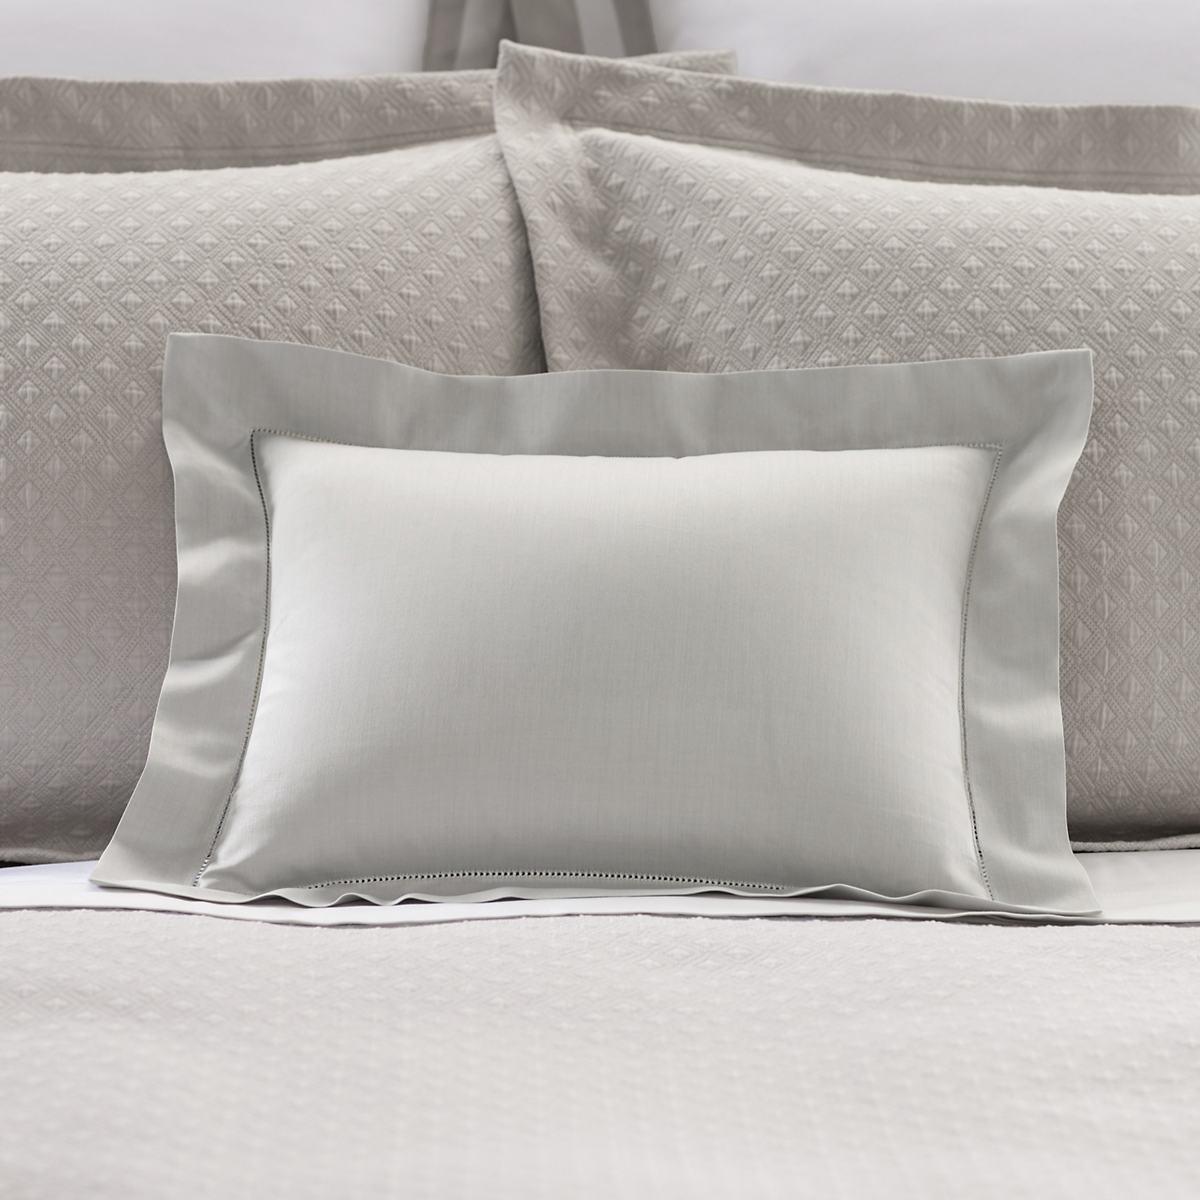 Carina Zinc Decorative Pillow